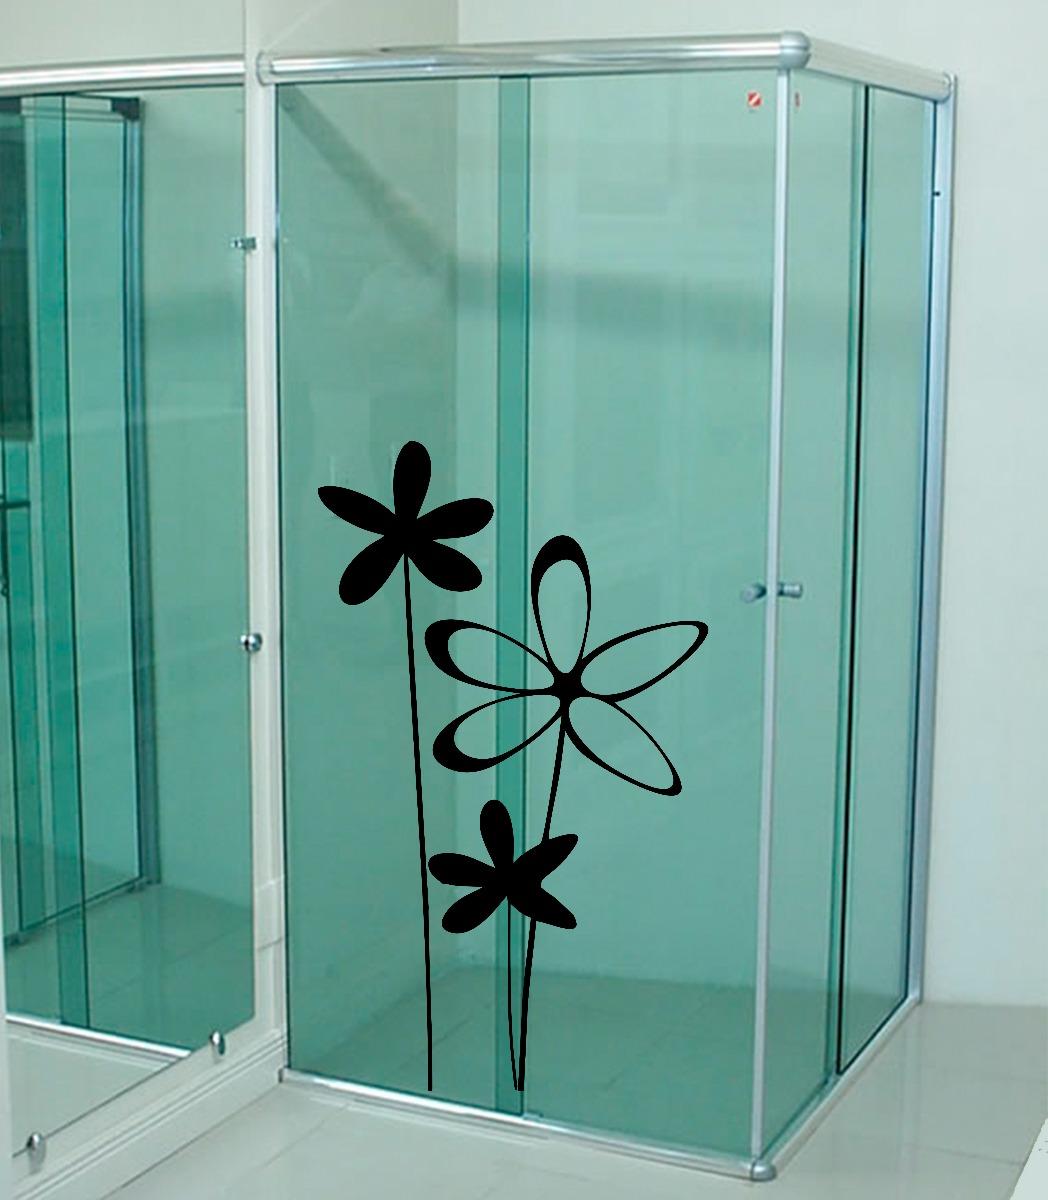 Parede Box Vidro Banheiro Flor Floral R$ 21 99 em Mercado Livre #205B50 1048 1200